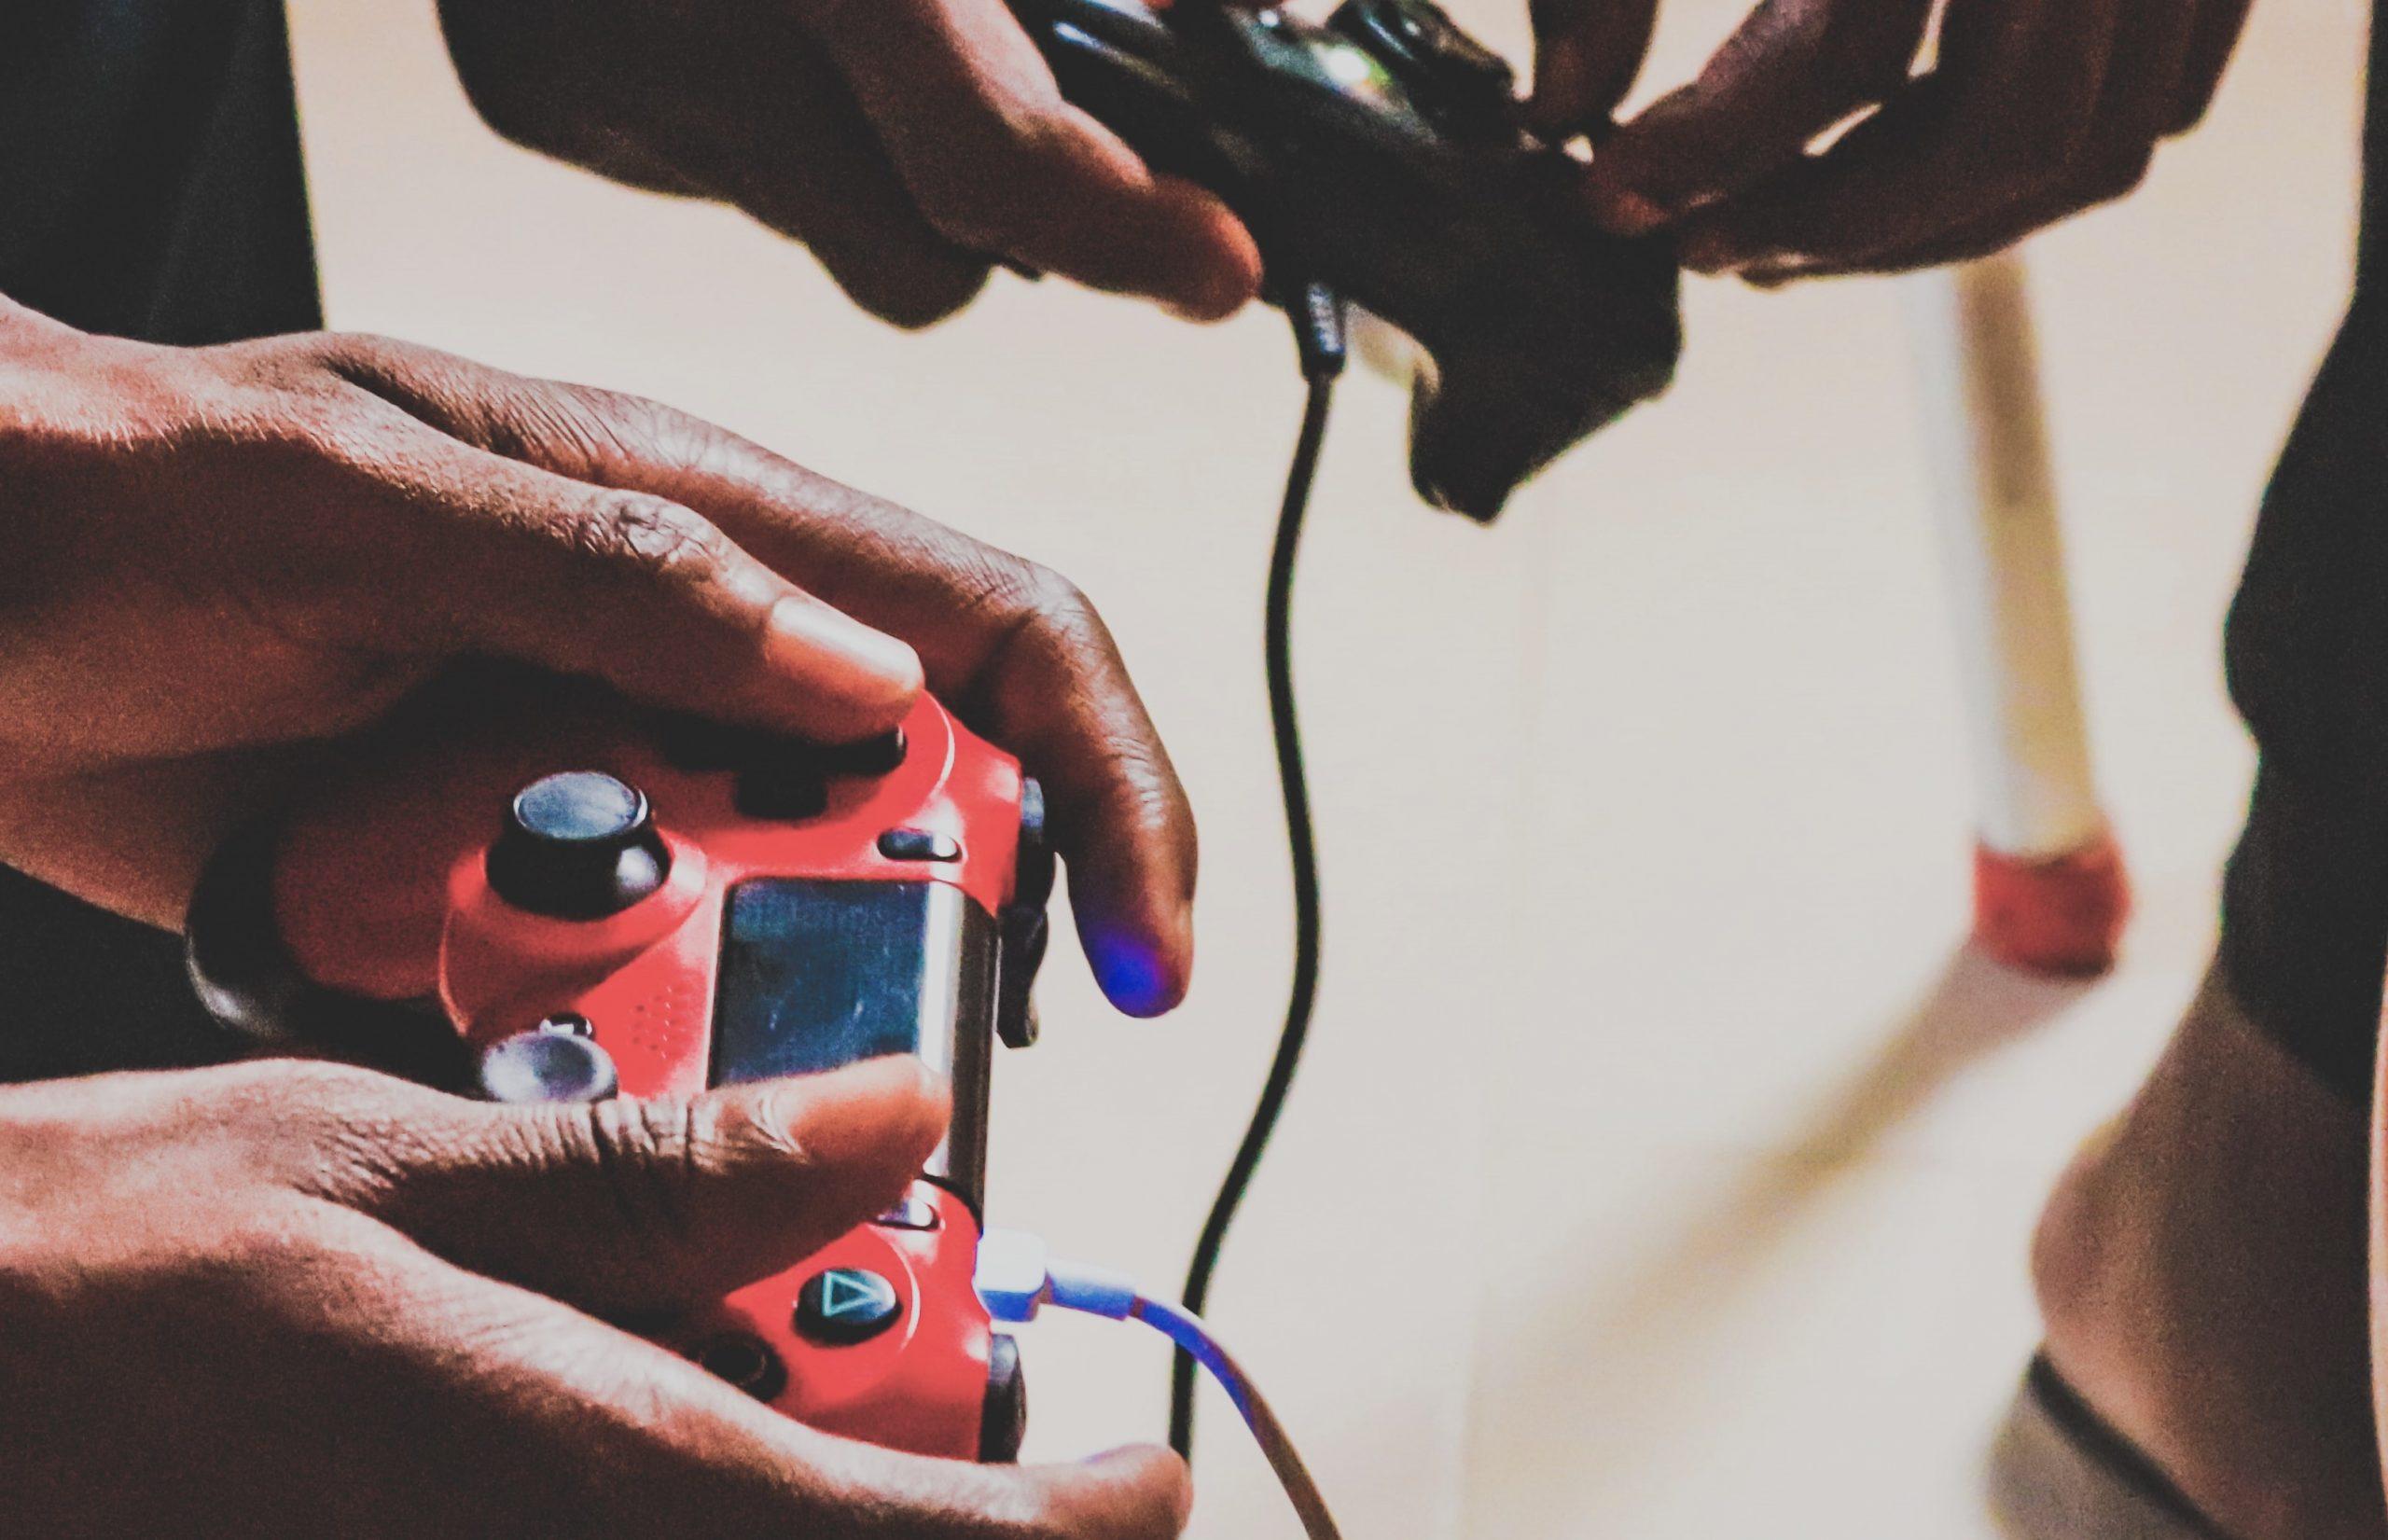 Traduzione videogiochi. Come tradurre videogames per pc, consolle e App in modo professionale